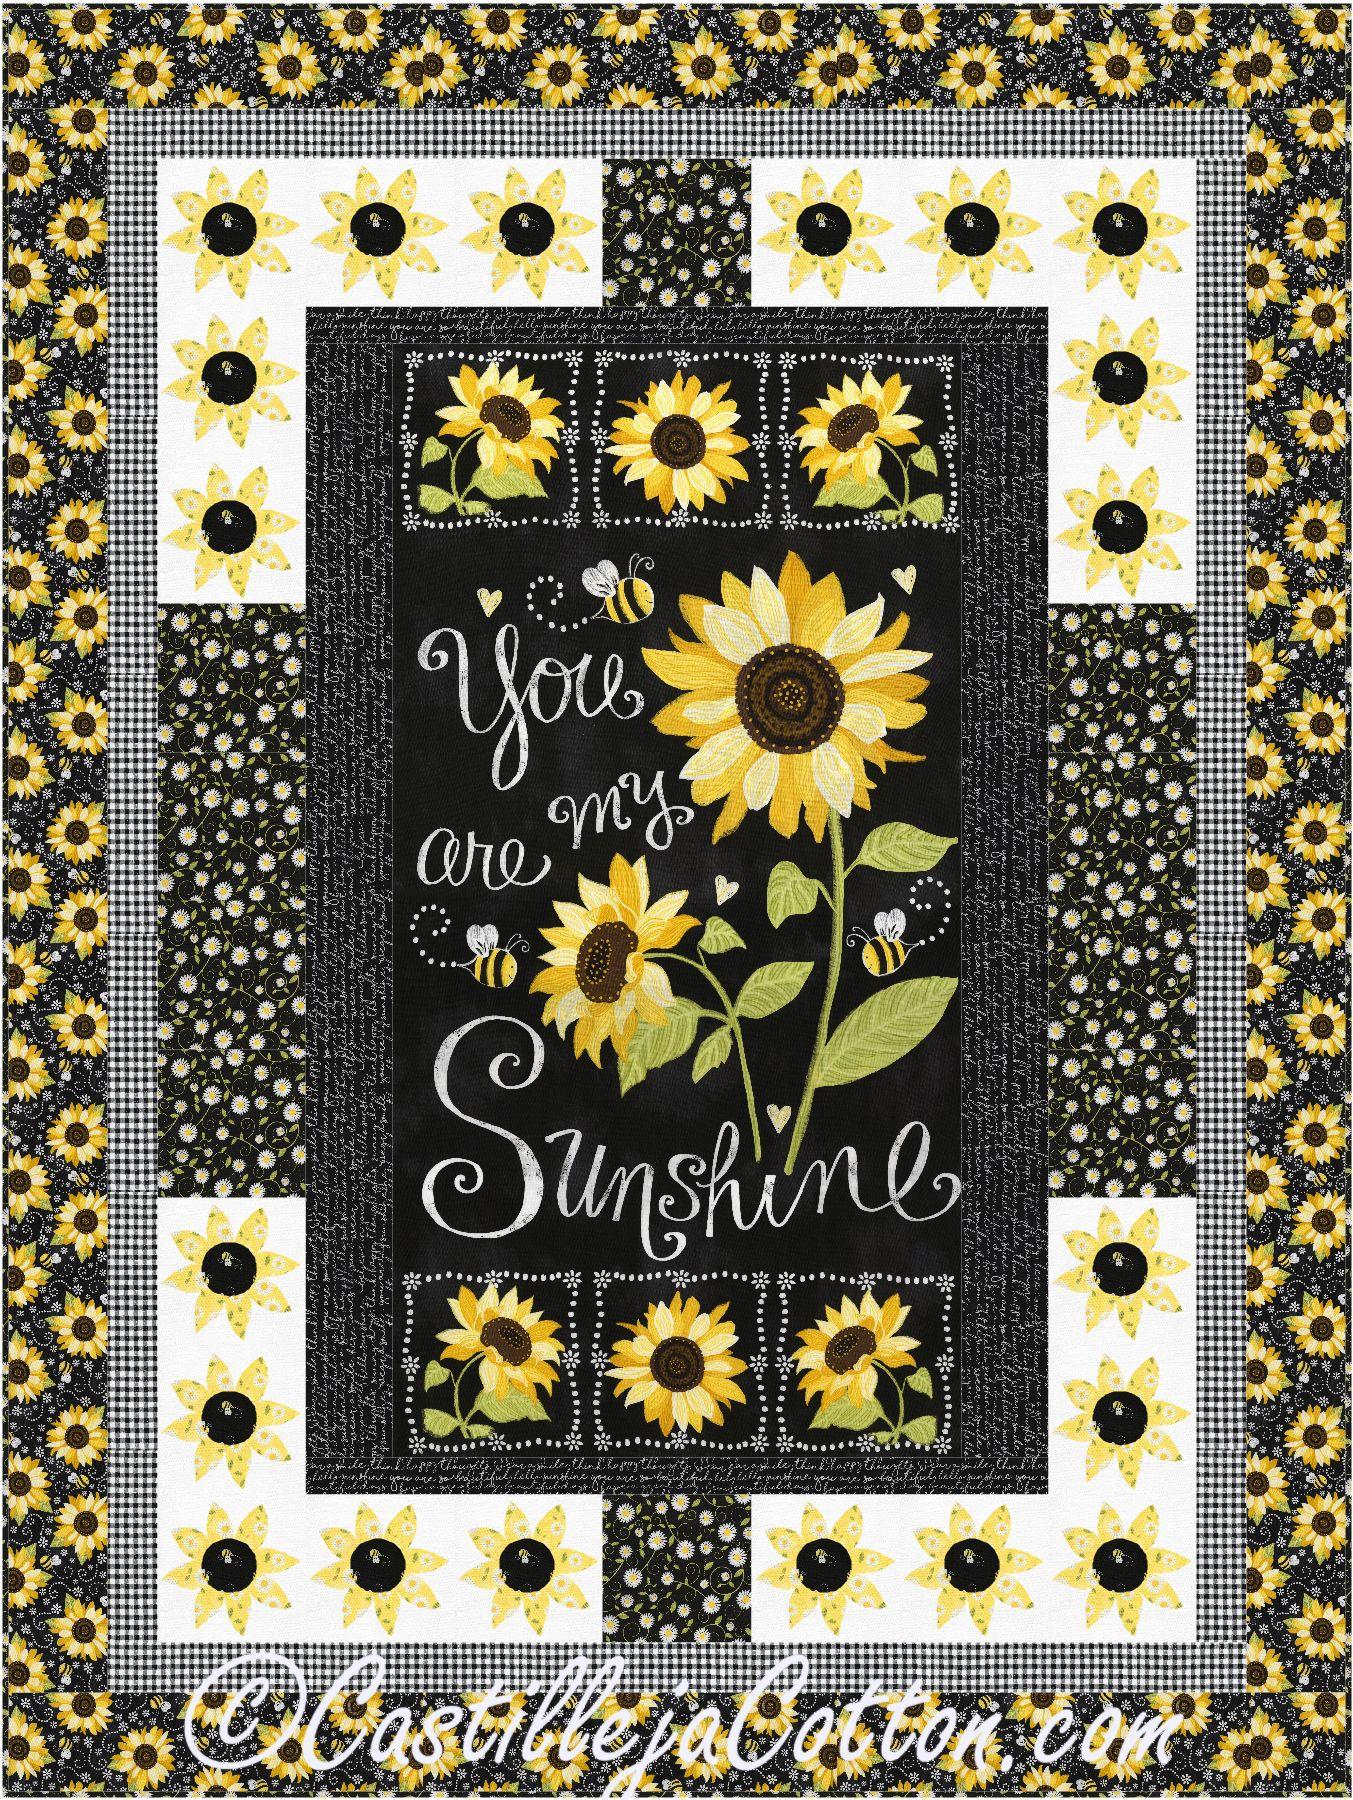 Sunshine Sunflowers Quilt Pattern Cjc 5074 Panel Quilts